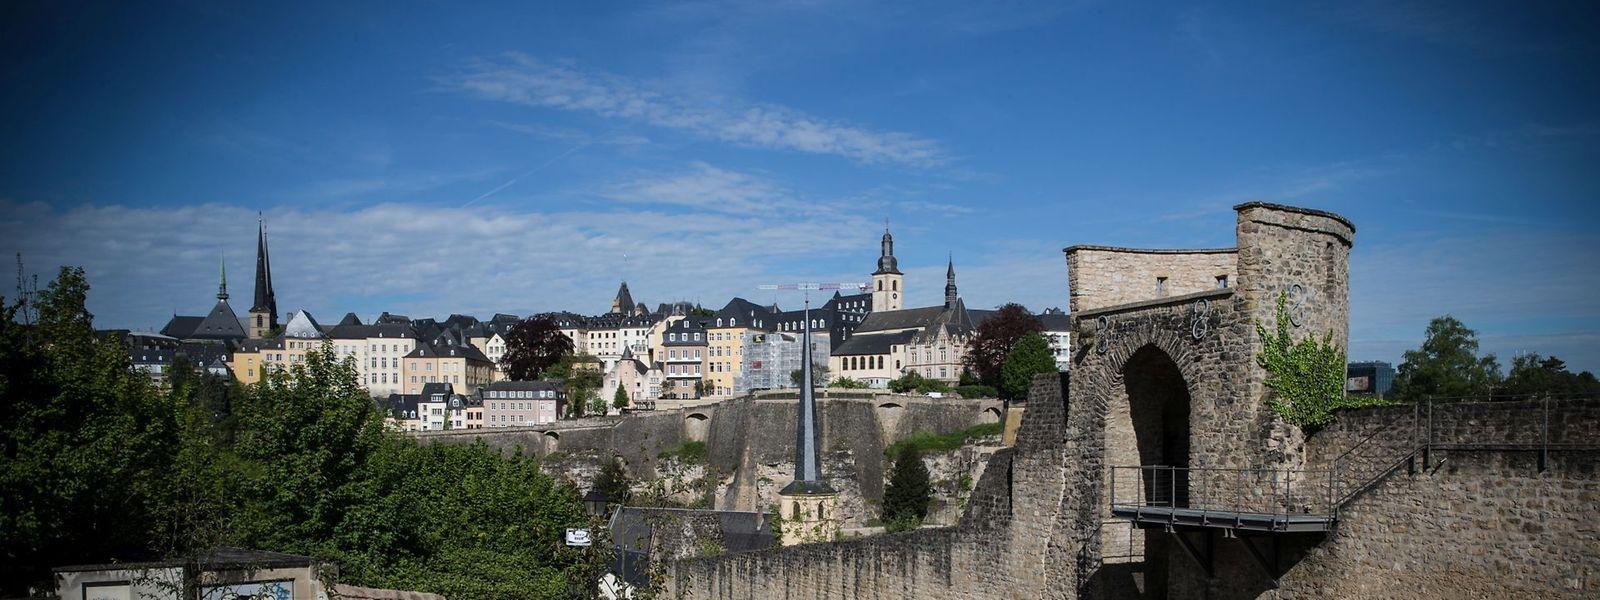 Luxemburg bietet viele Kontraste: Zwischen Natur und Kultur, Geschichte und Moderne, sportlicher Betätigung und gemütlichem Spaziergang, Heimat und Internationalität – von allem ist etwas dabei bei den 35 Touren, die innerhalb von 17 Tagen angeboten werden.